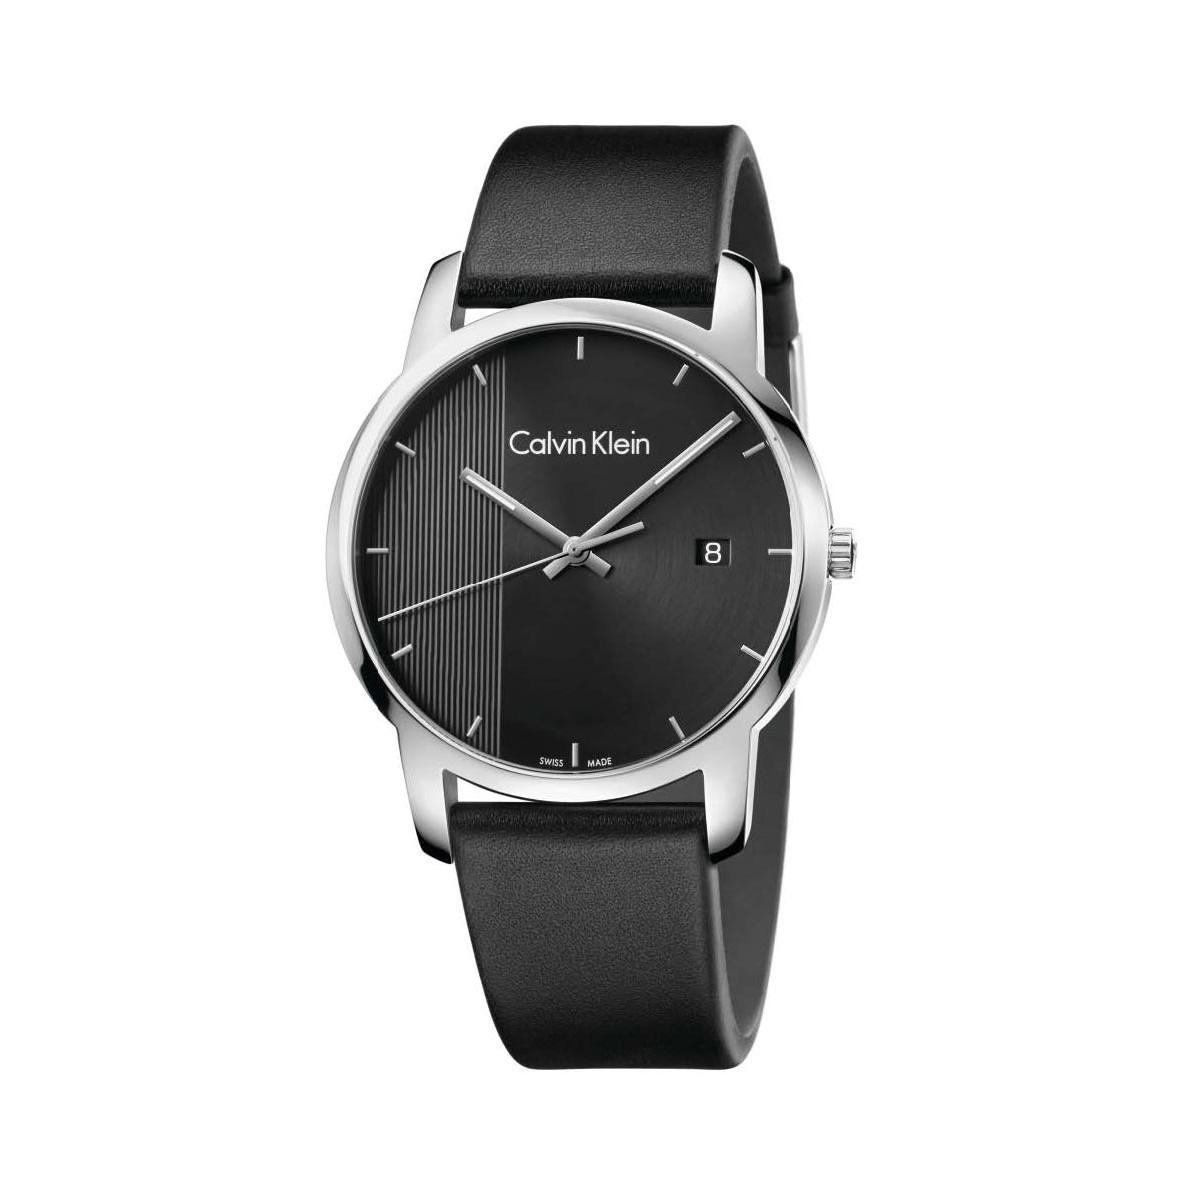 Đồng hồ Calvin Klein K2G2G1C1 Nam 43mm, Quartz (Pin), Thép không gỉ